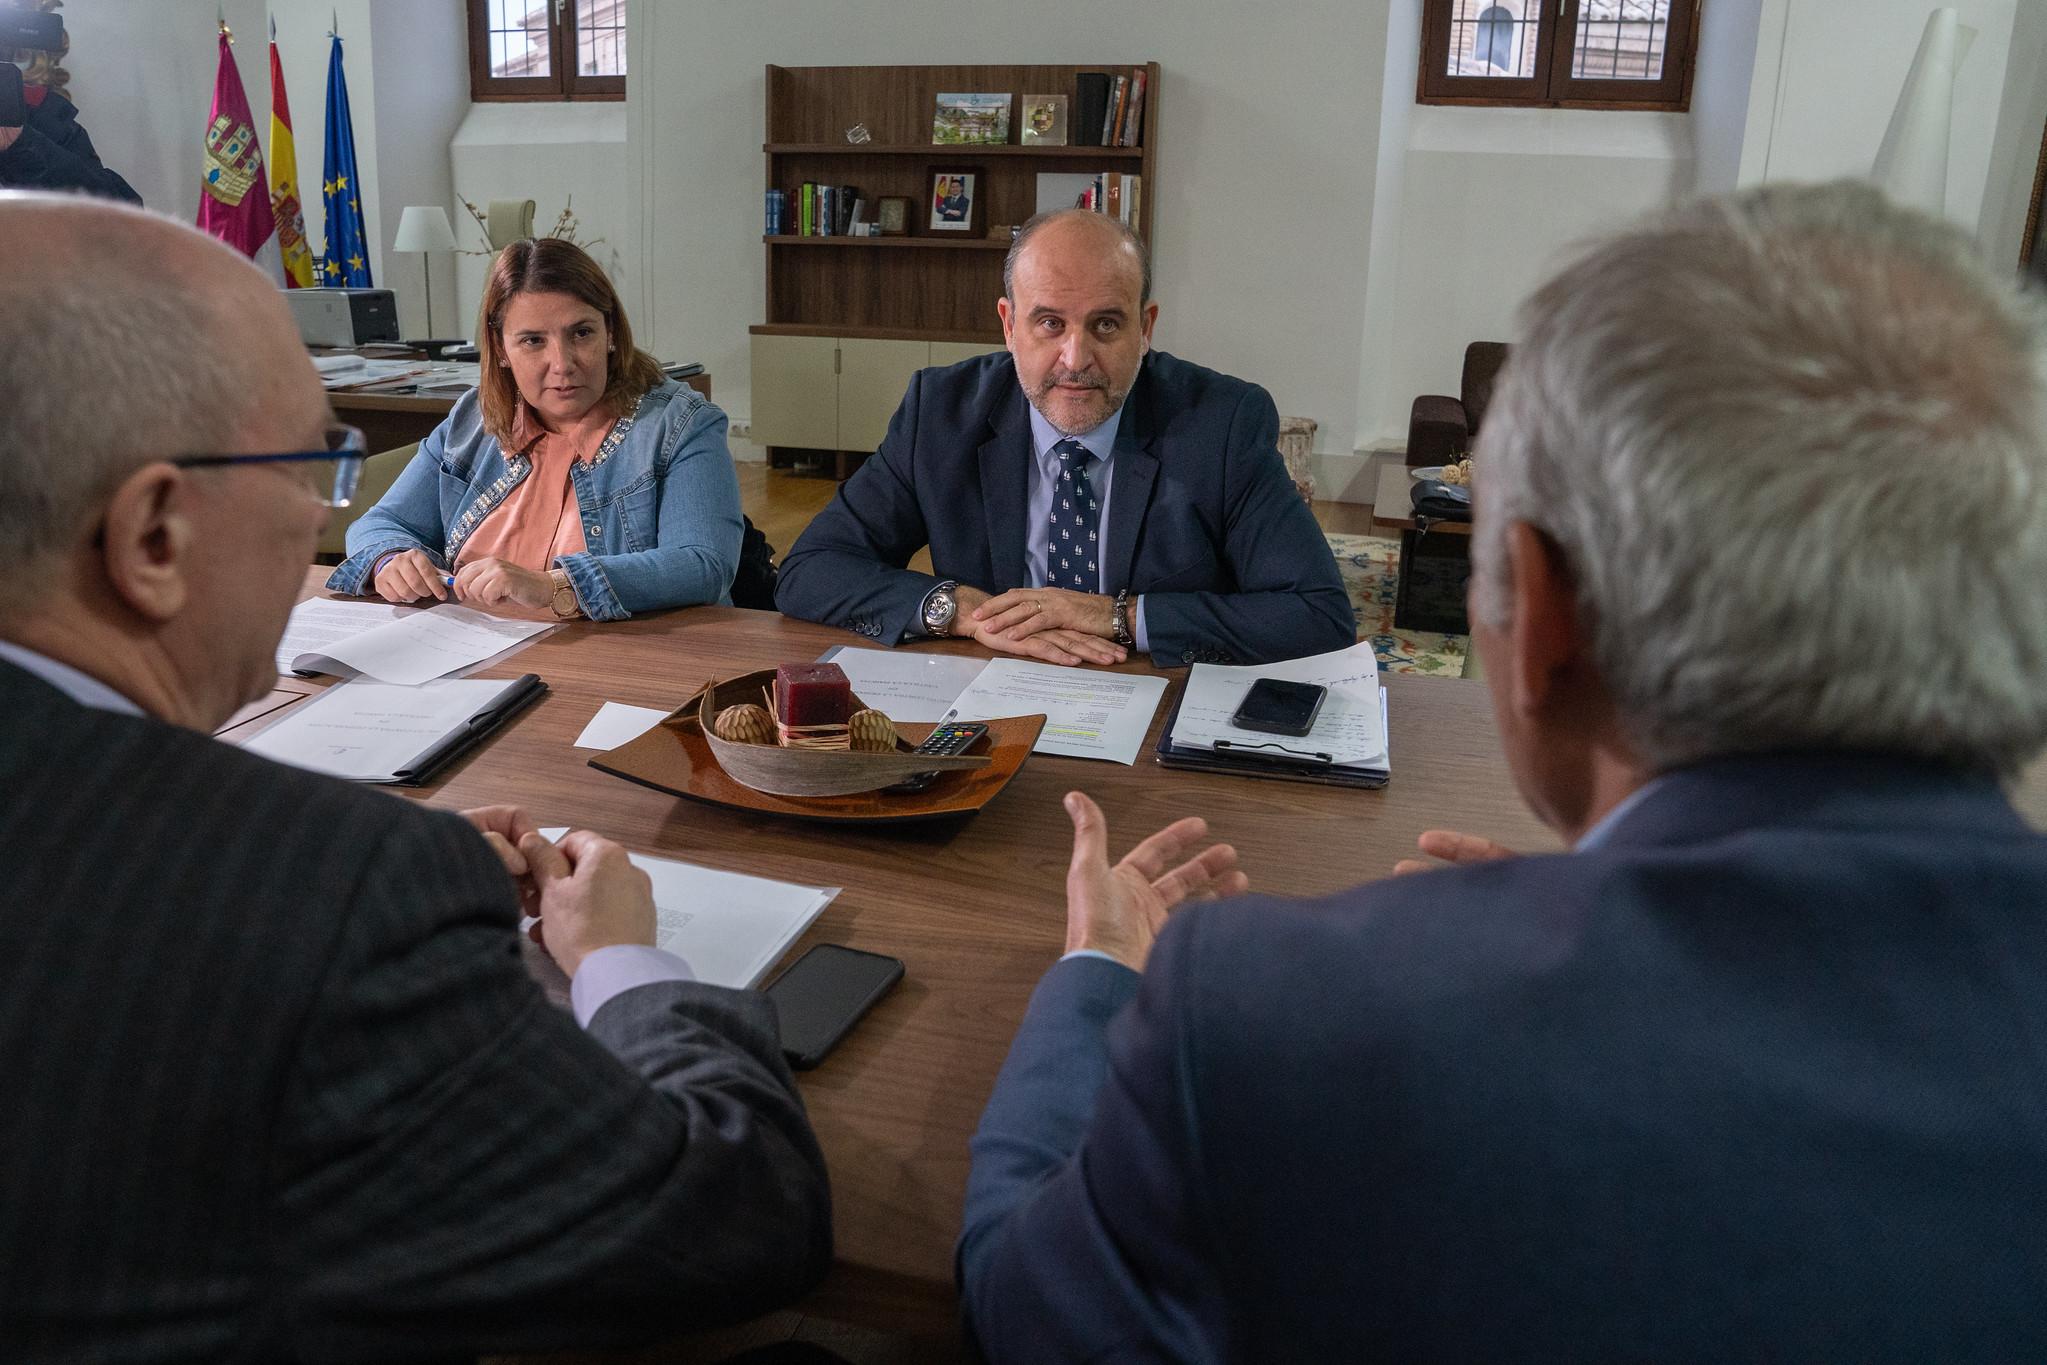 El vicepresidente de Castilla-La Mancha, José Luis Martínez Guijarro, ha mantenido una reunión con la presidenta de la FEMP en Castilla-La Mancha, Agustina García Élez.